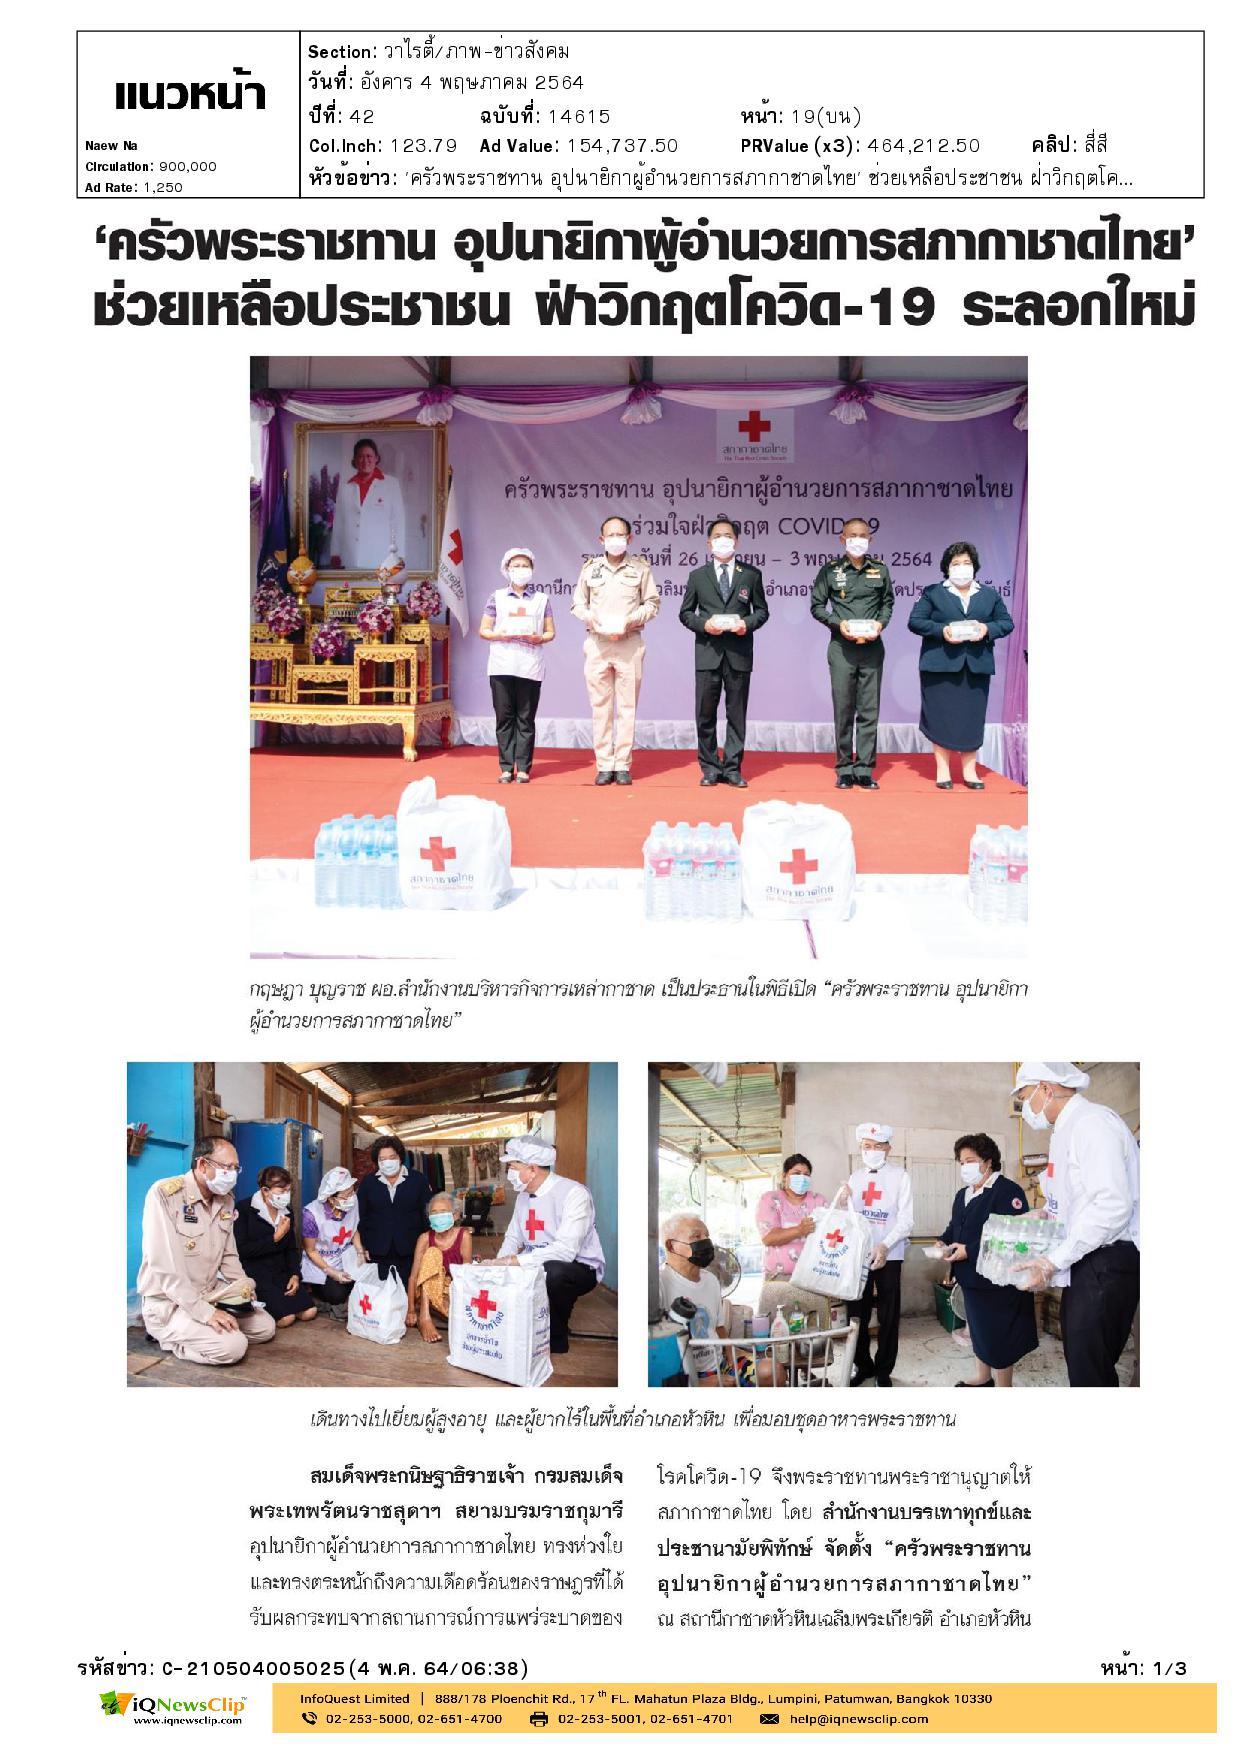 ครัวพระราชทาน อุปนายิกาสภากาชาดไทย